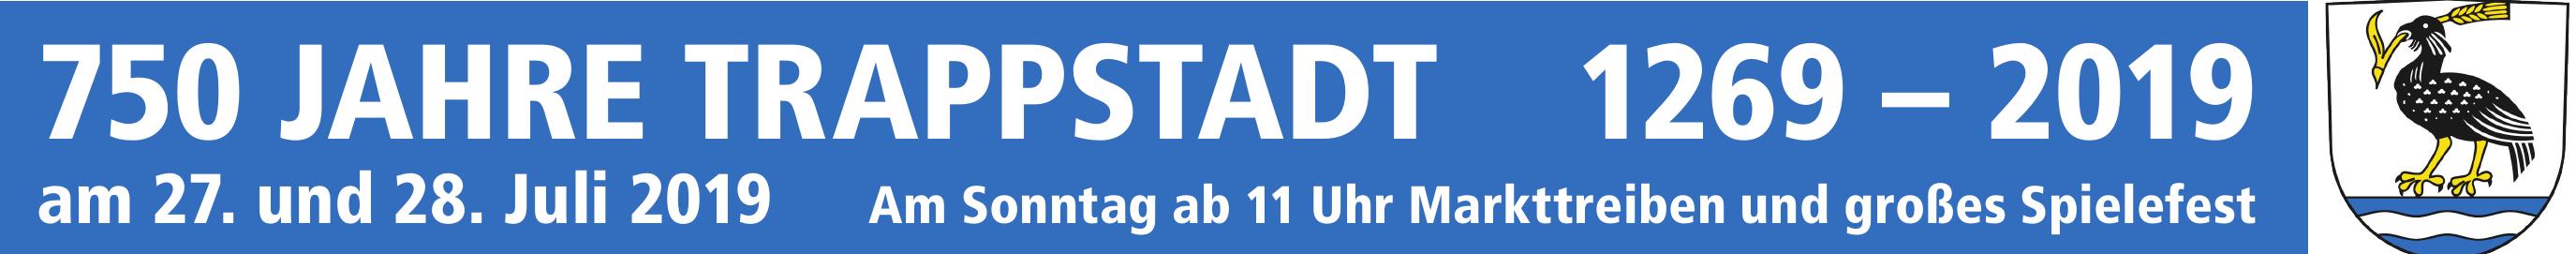 750 Jahre Trappstadt  Image 1